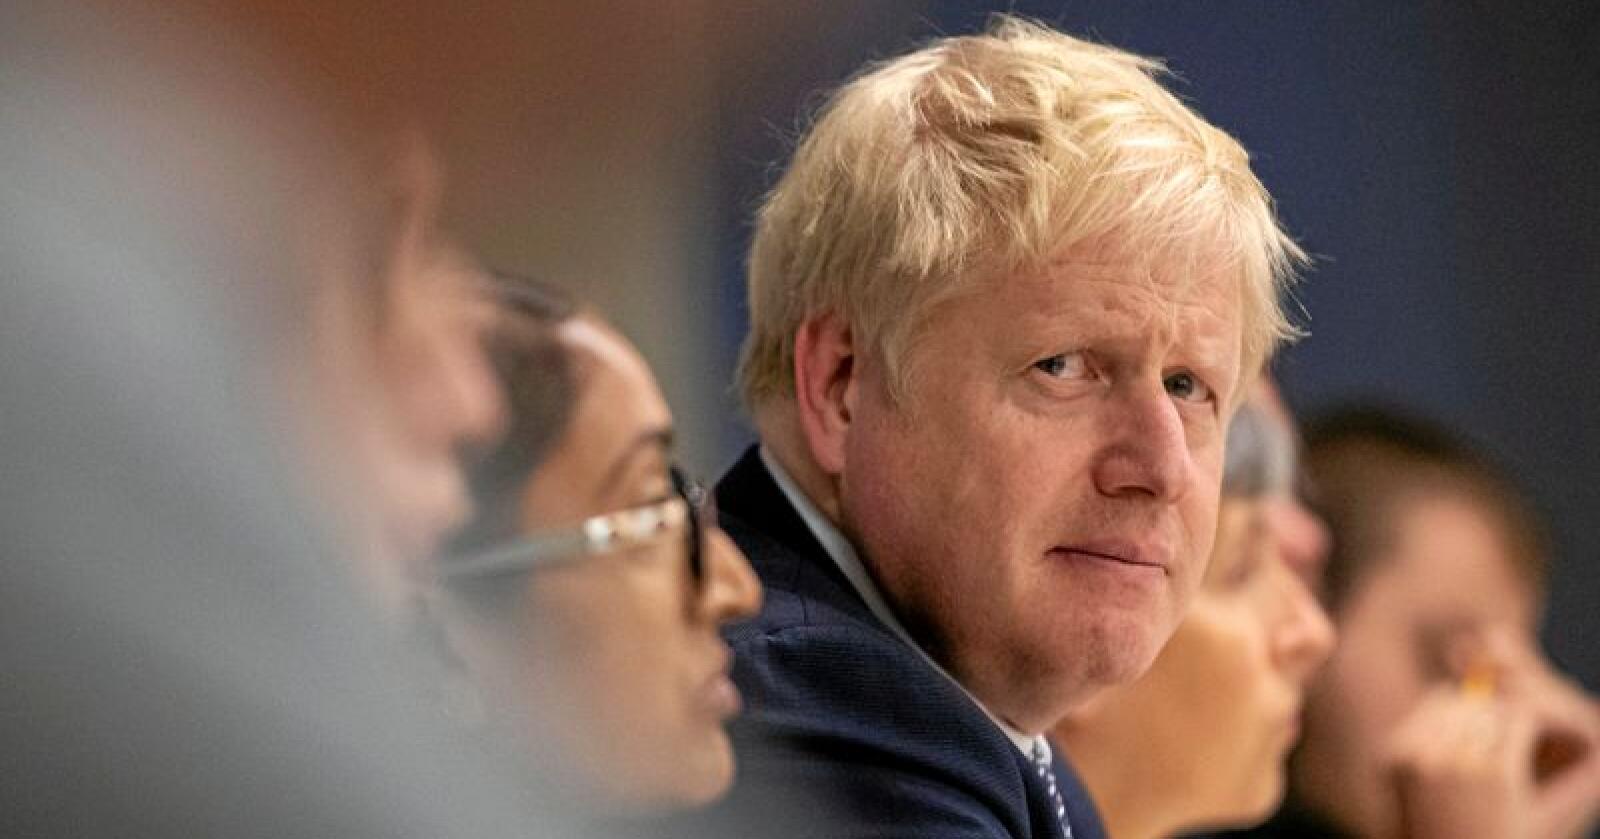 Statsminister Boris Johnson ber om unnskyldning for at han ikke oppfylte løftet om å få Storbritannia ut av EU innen 31. oktober. Foto: AP / NTB scanpix